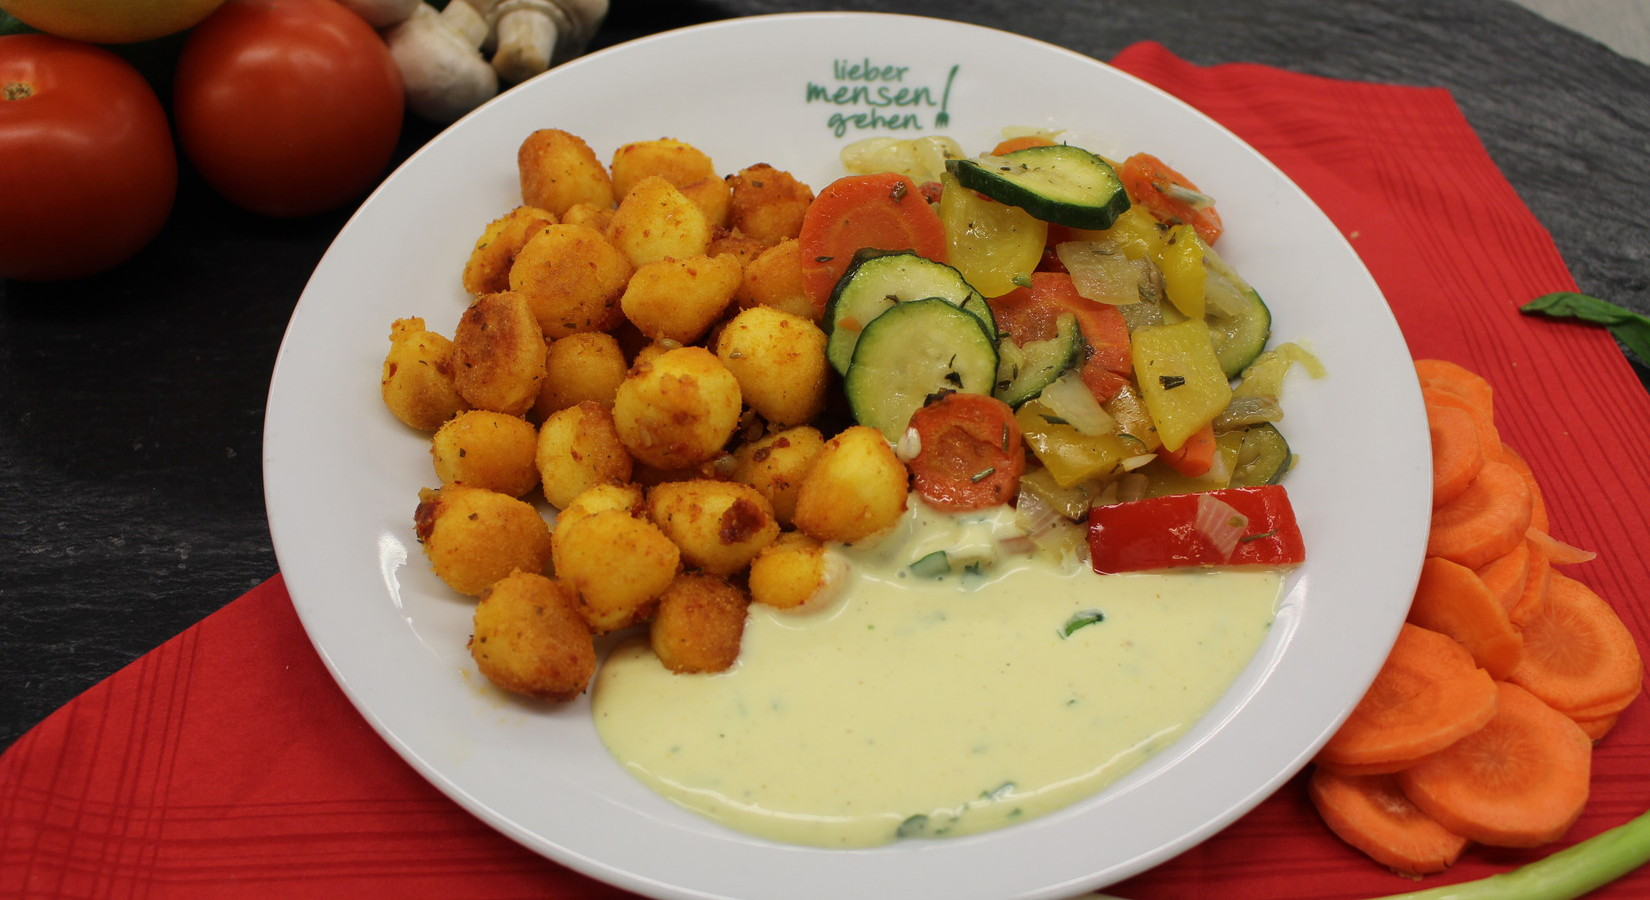 Ofengemüse an Gnocchi mit Tomatenpesto und Curry-Sojadip